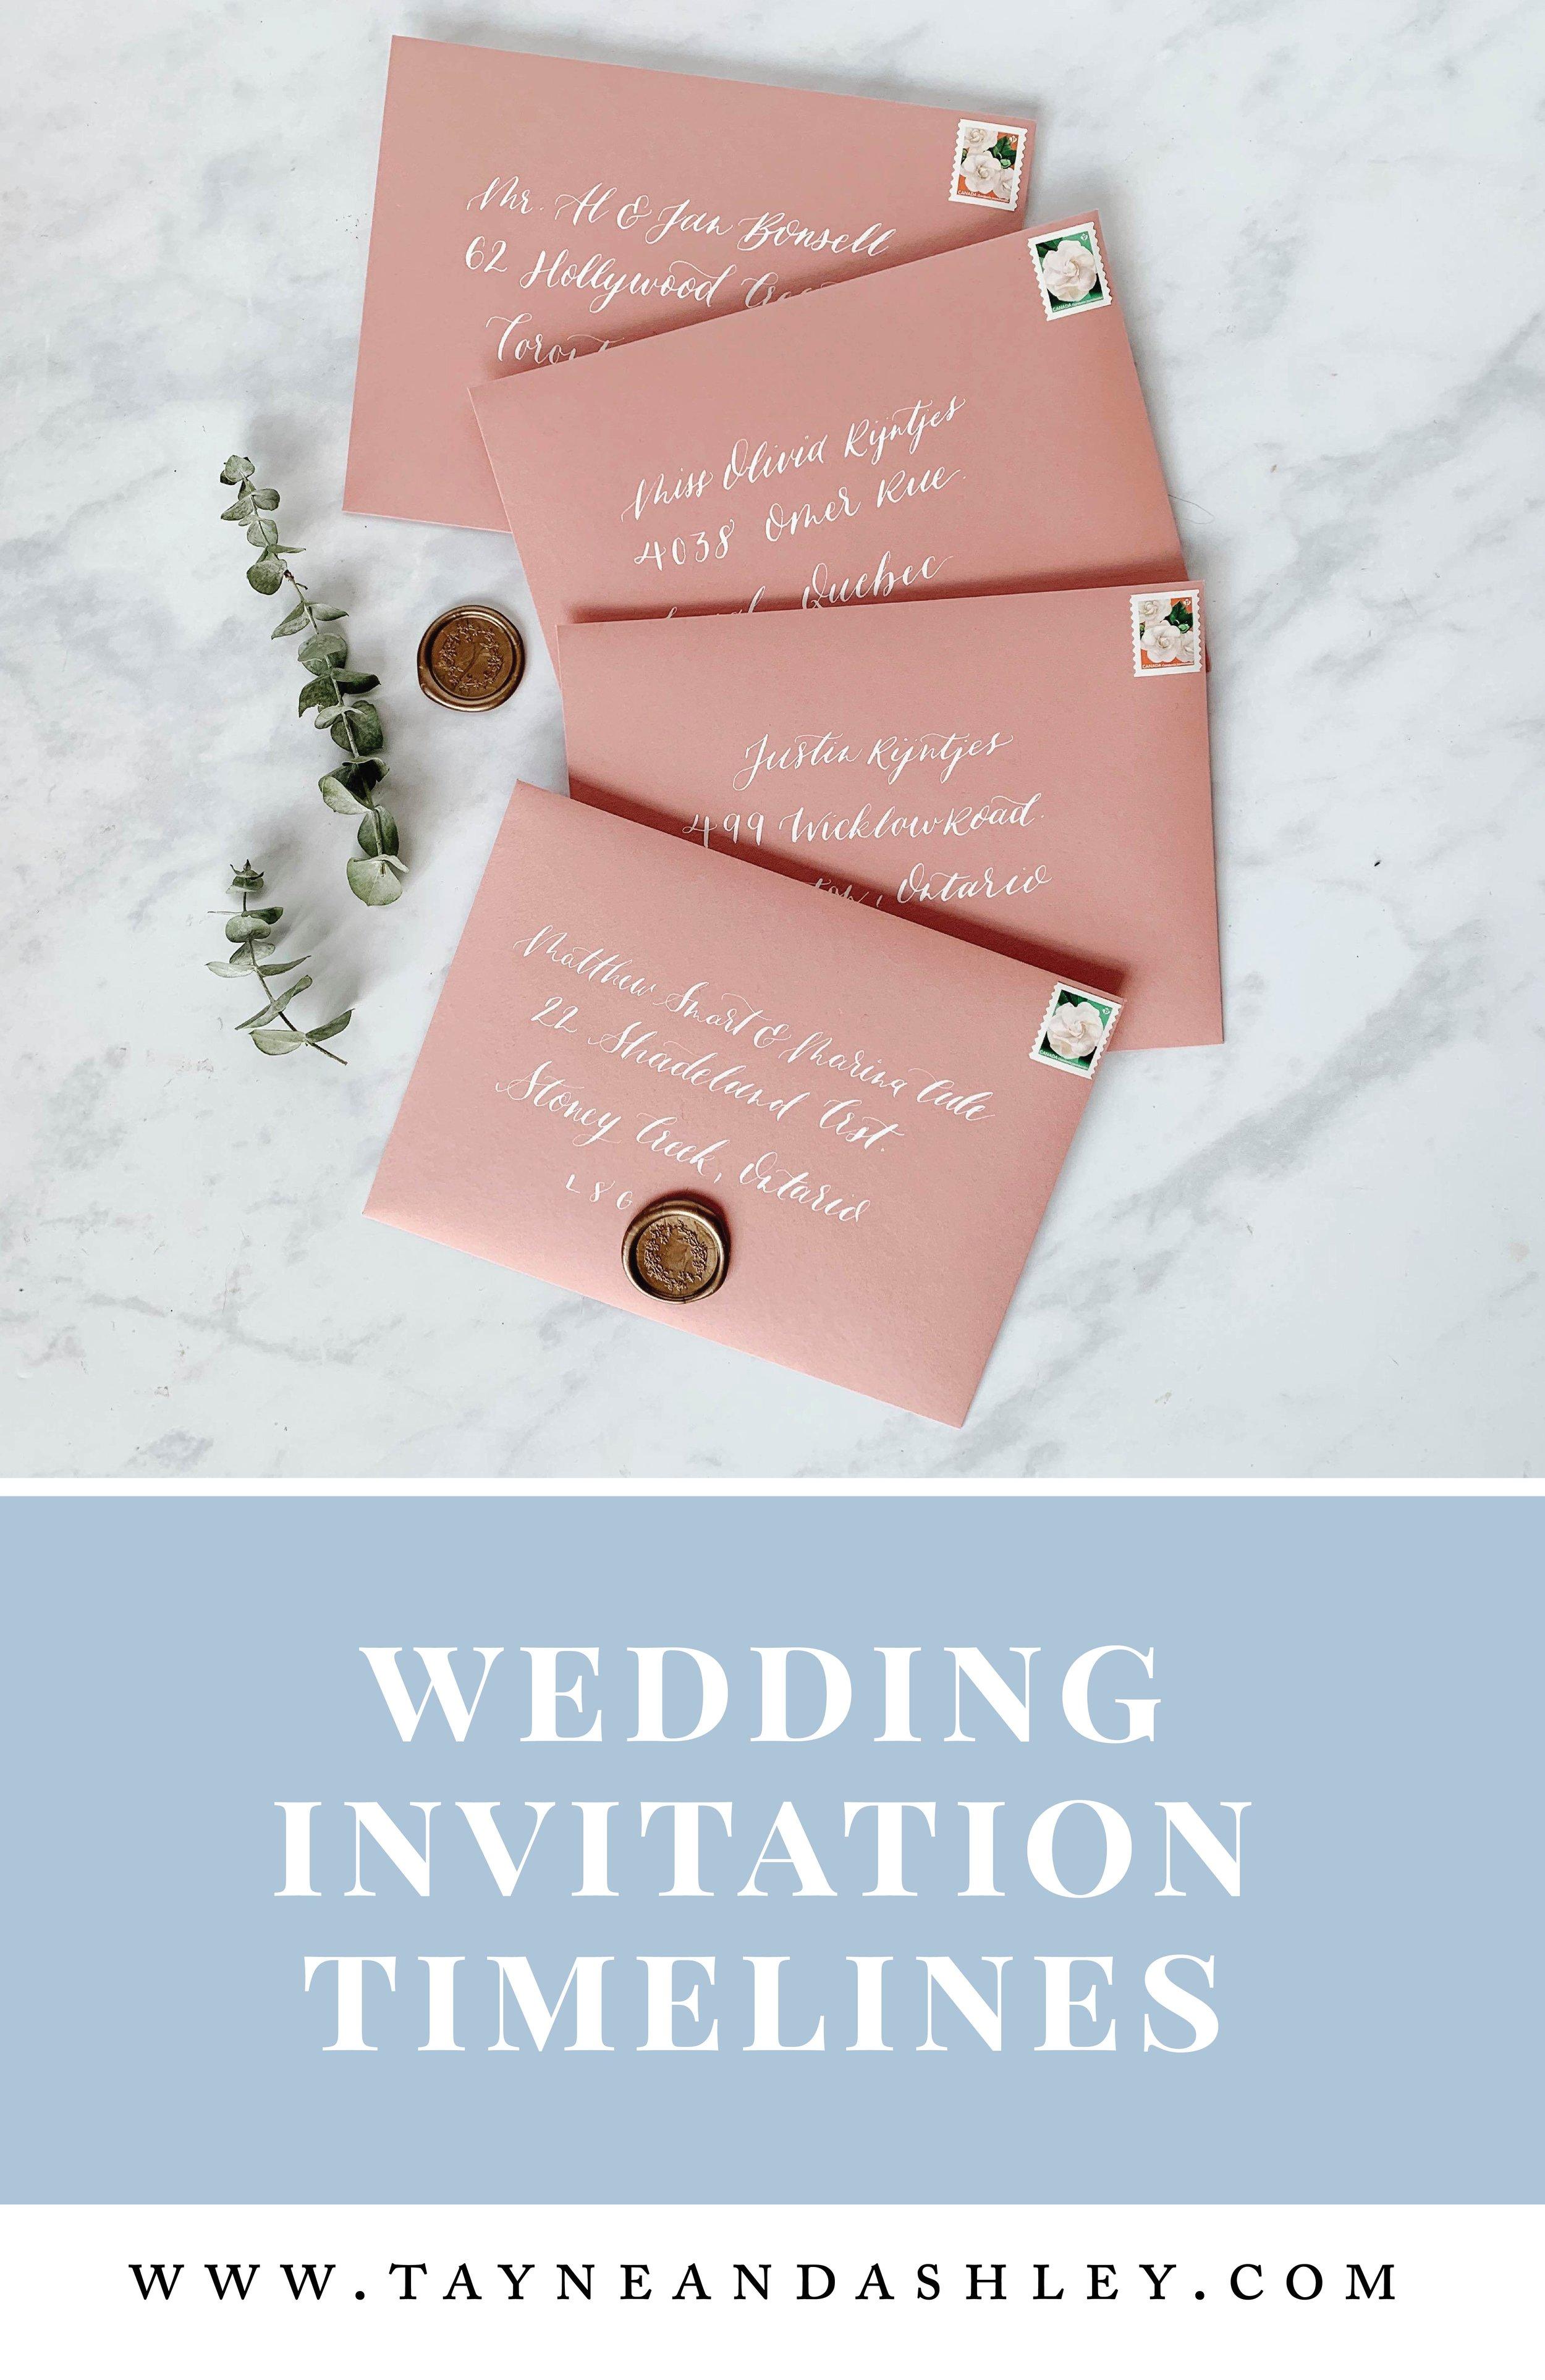 pinterest-wedding-invitation-timeline-tayneandashley-1